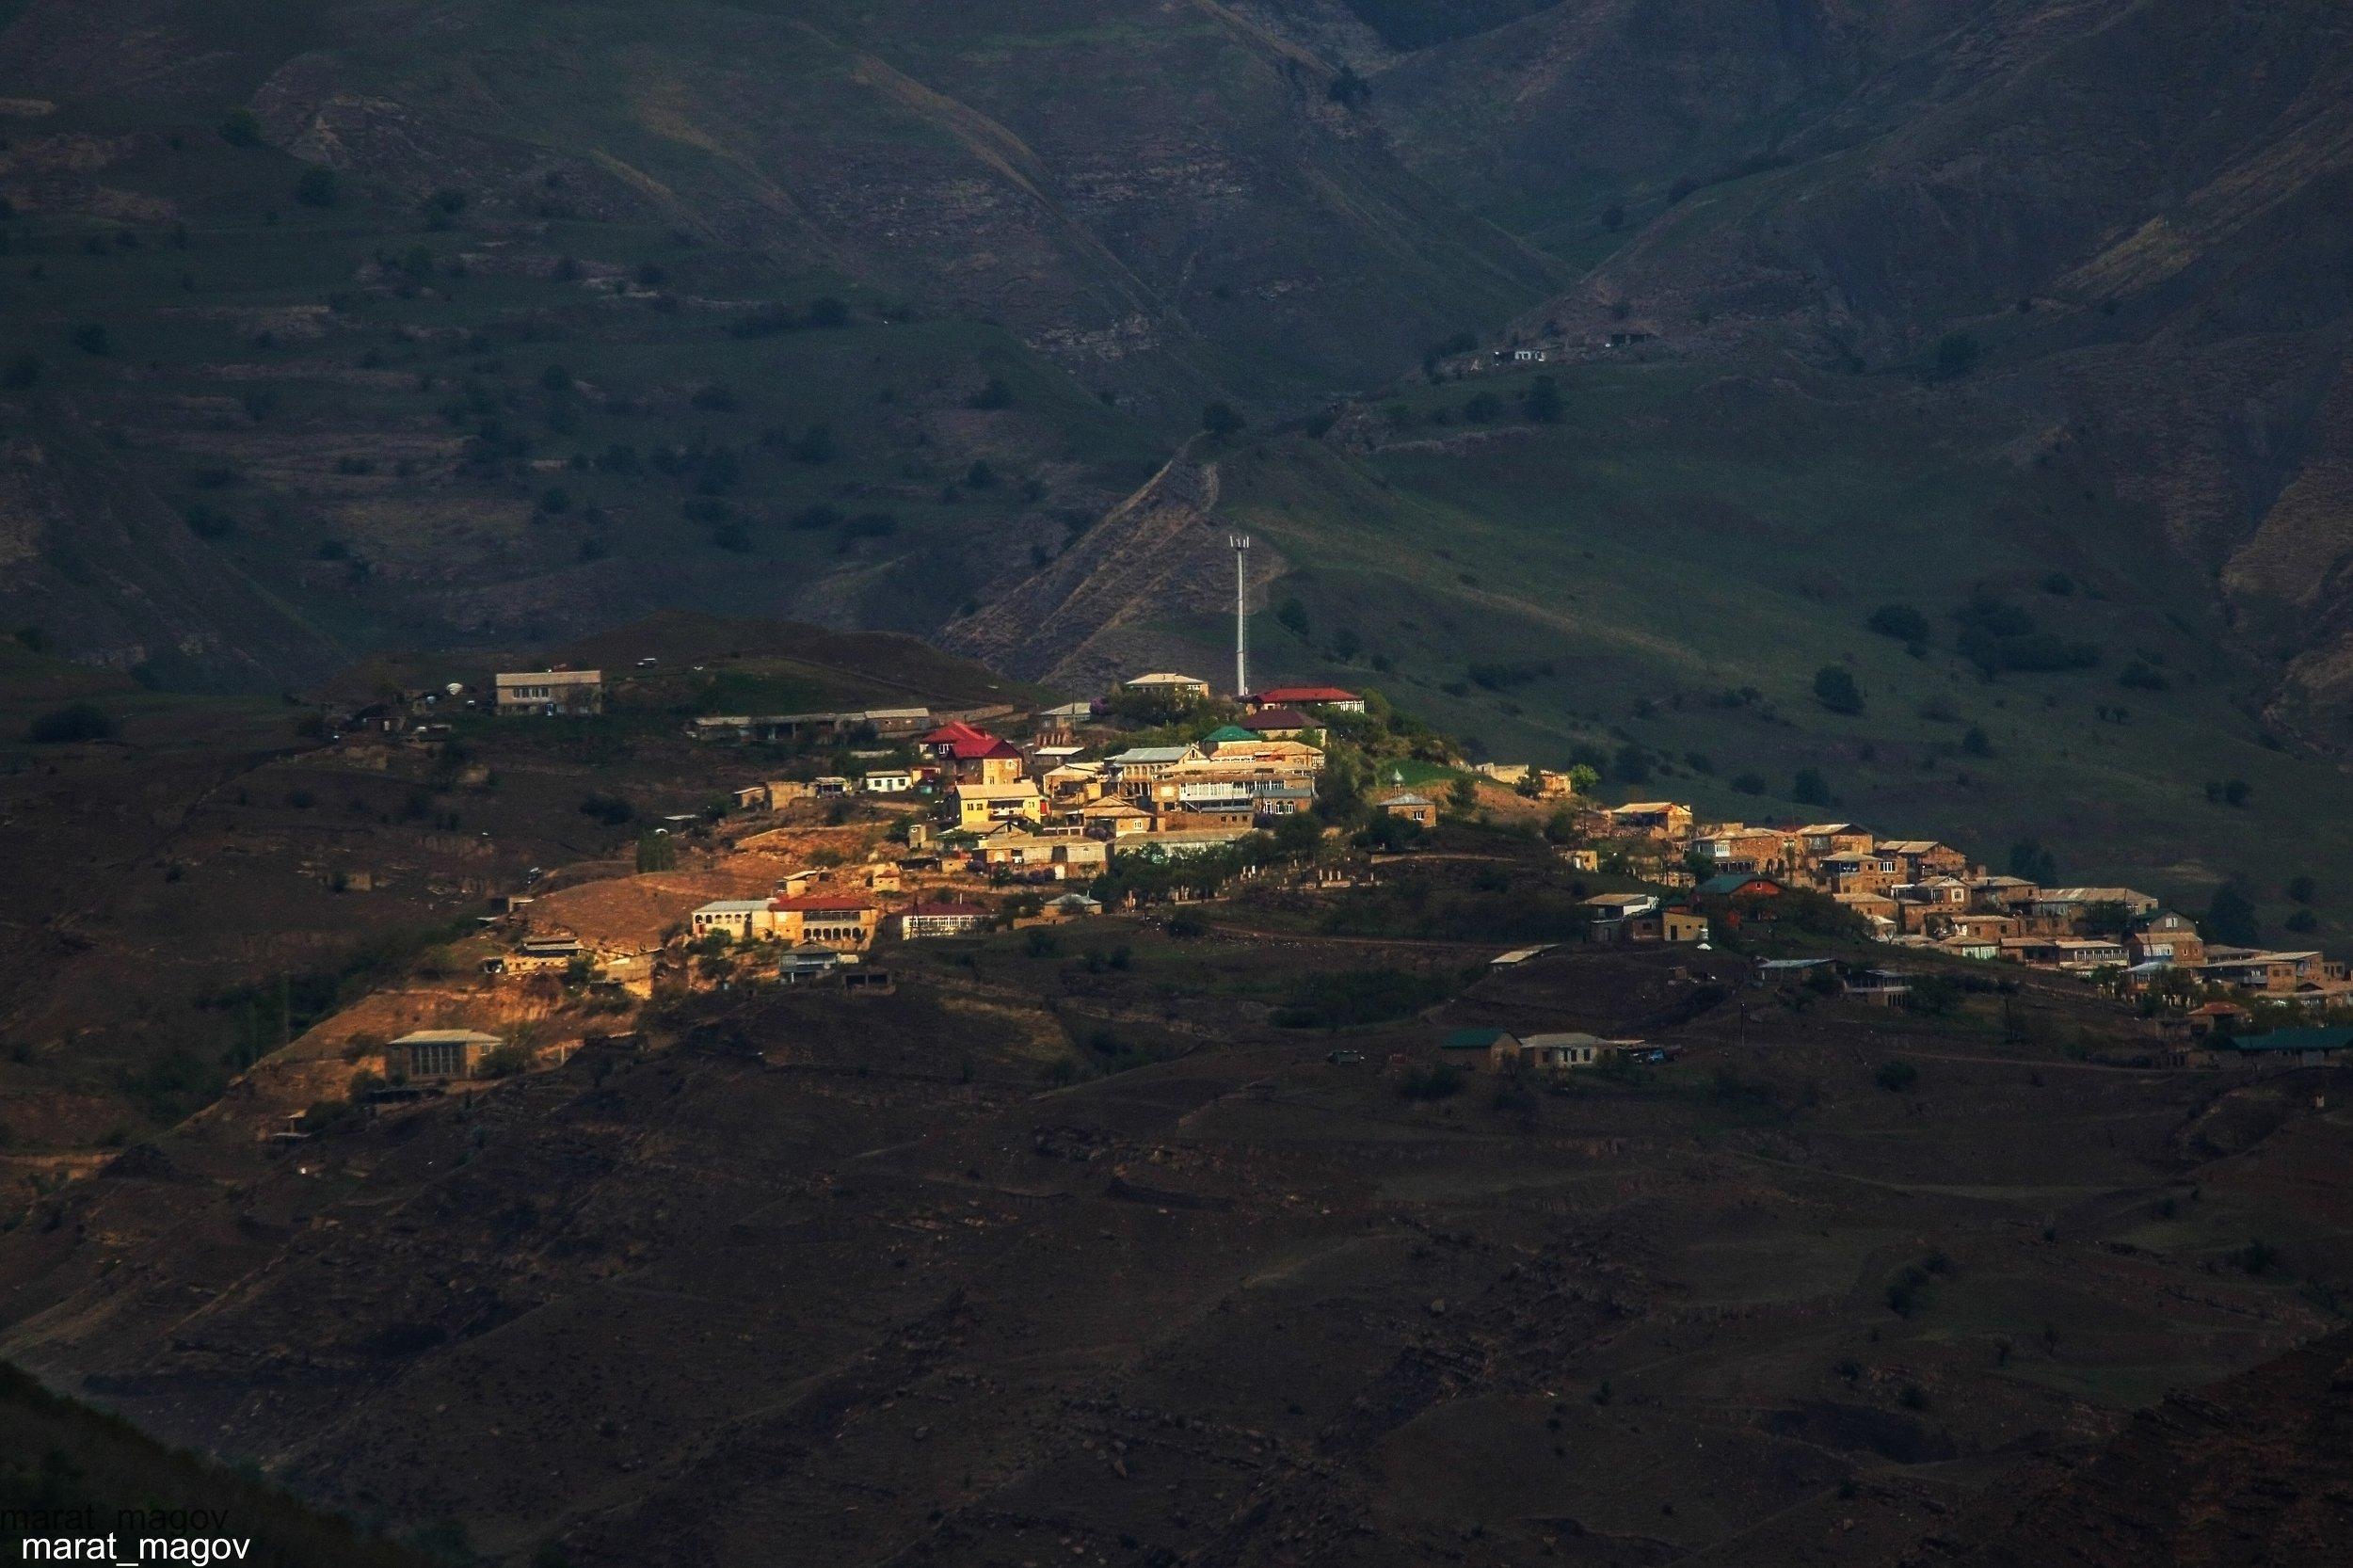 горы,аул,вершины,пейзаж,небо,деревья,дагестан,природа, Magov Marat